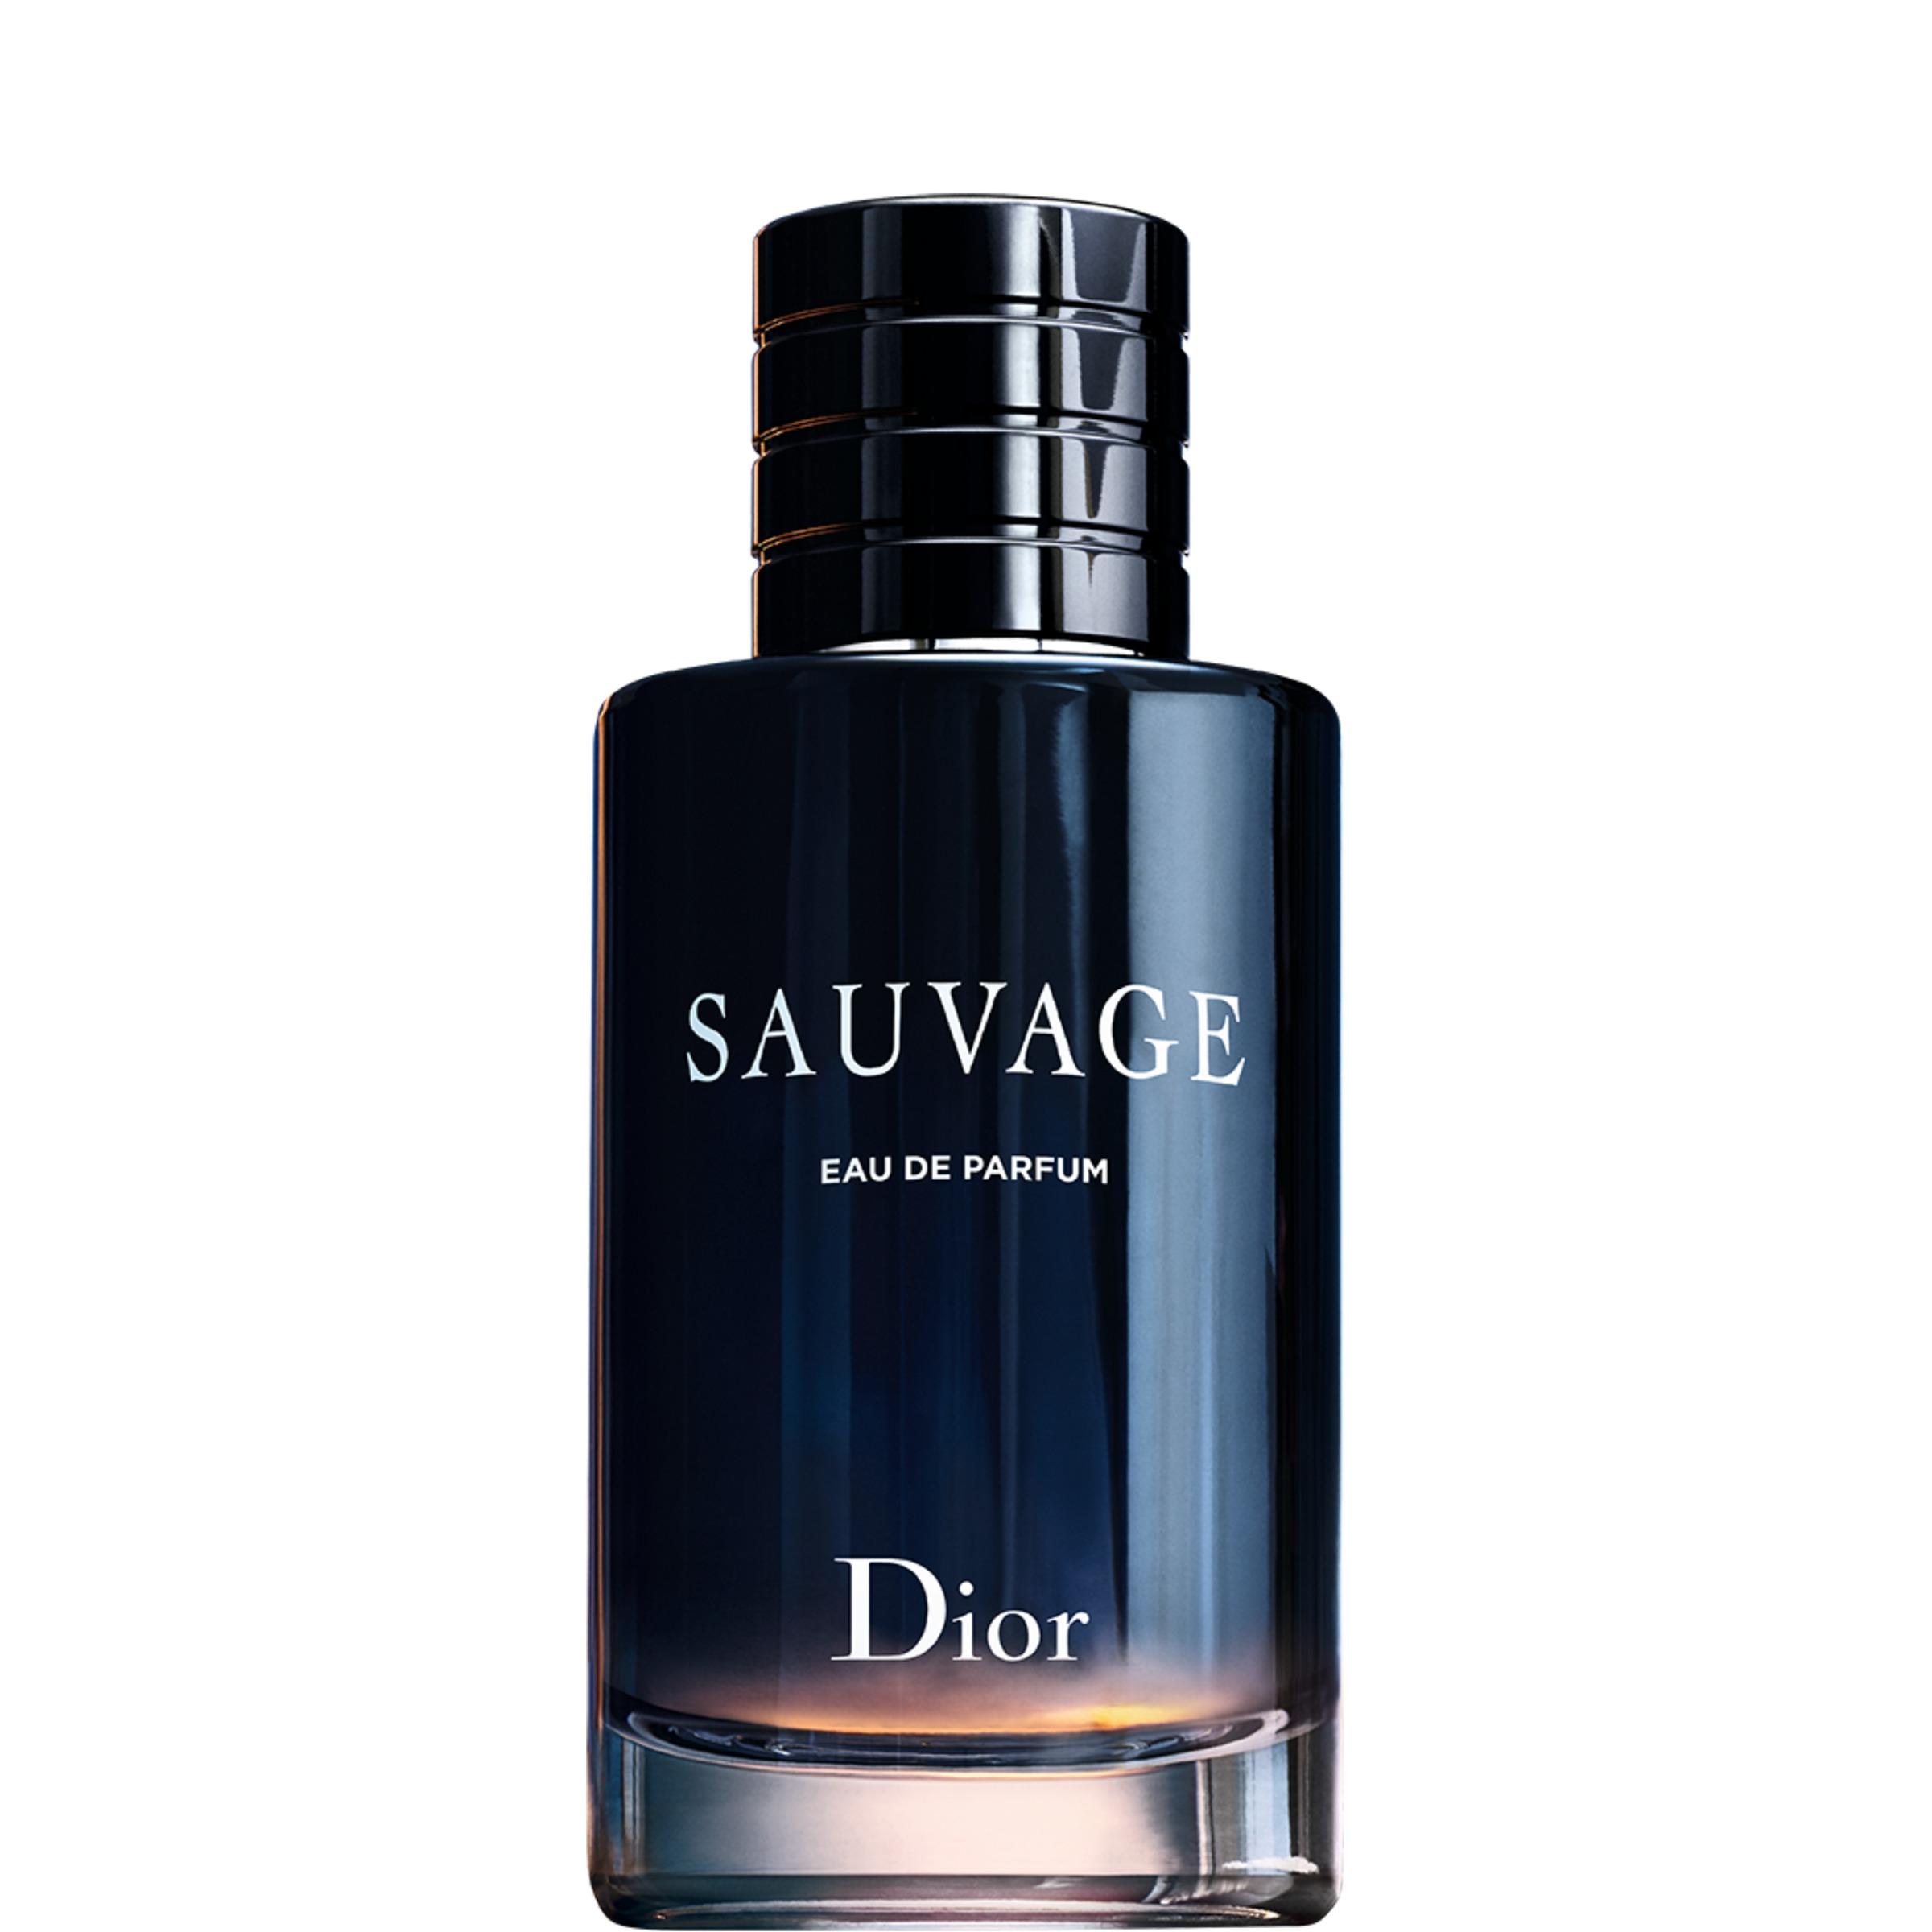 Sauvage Edp 200ml